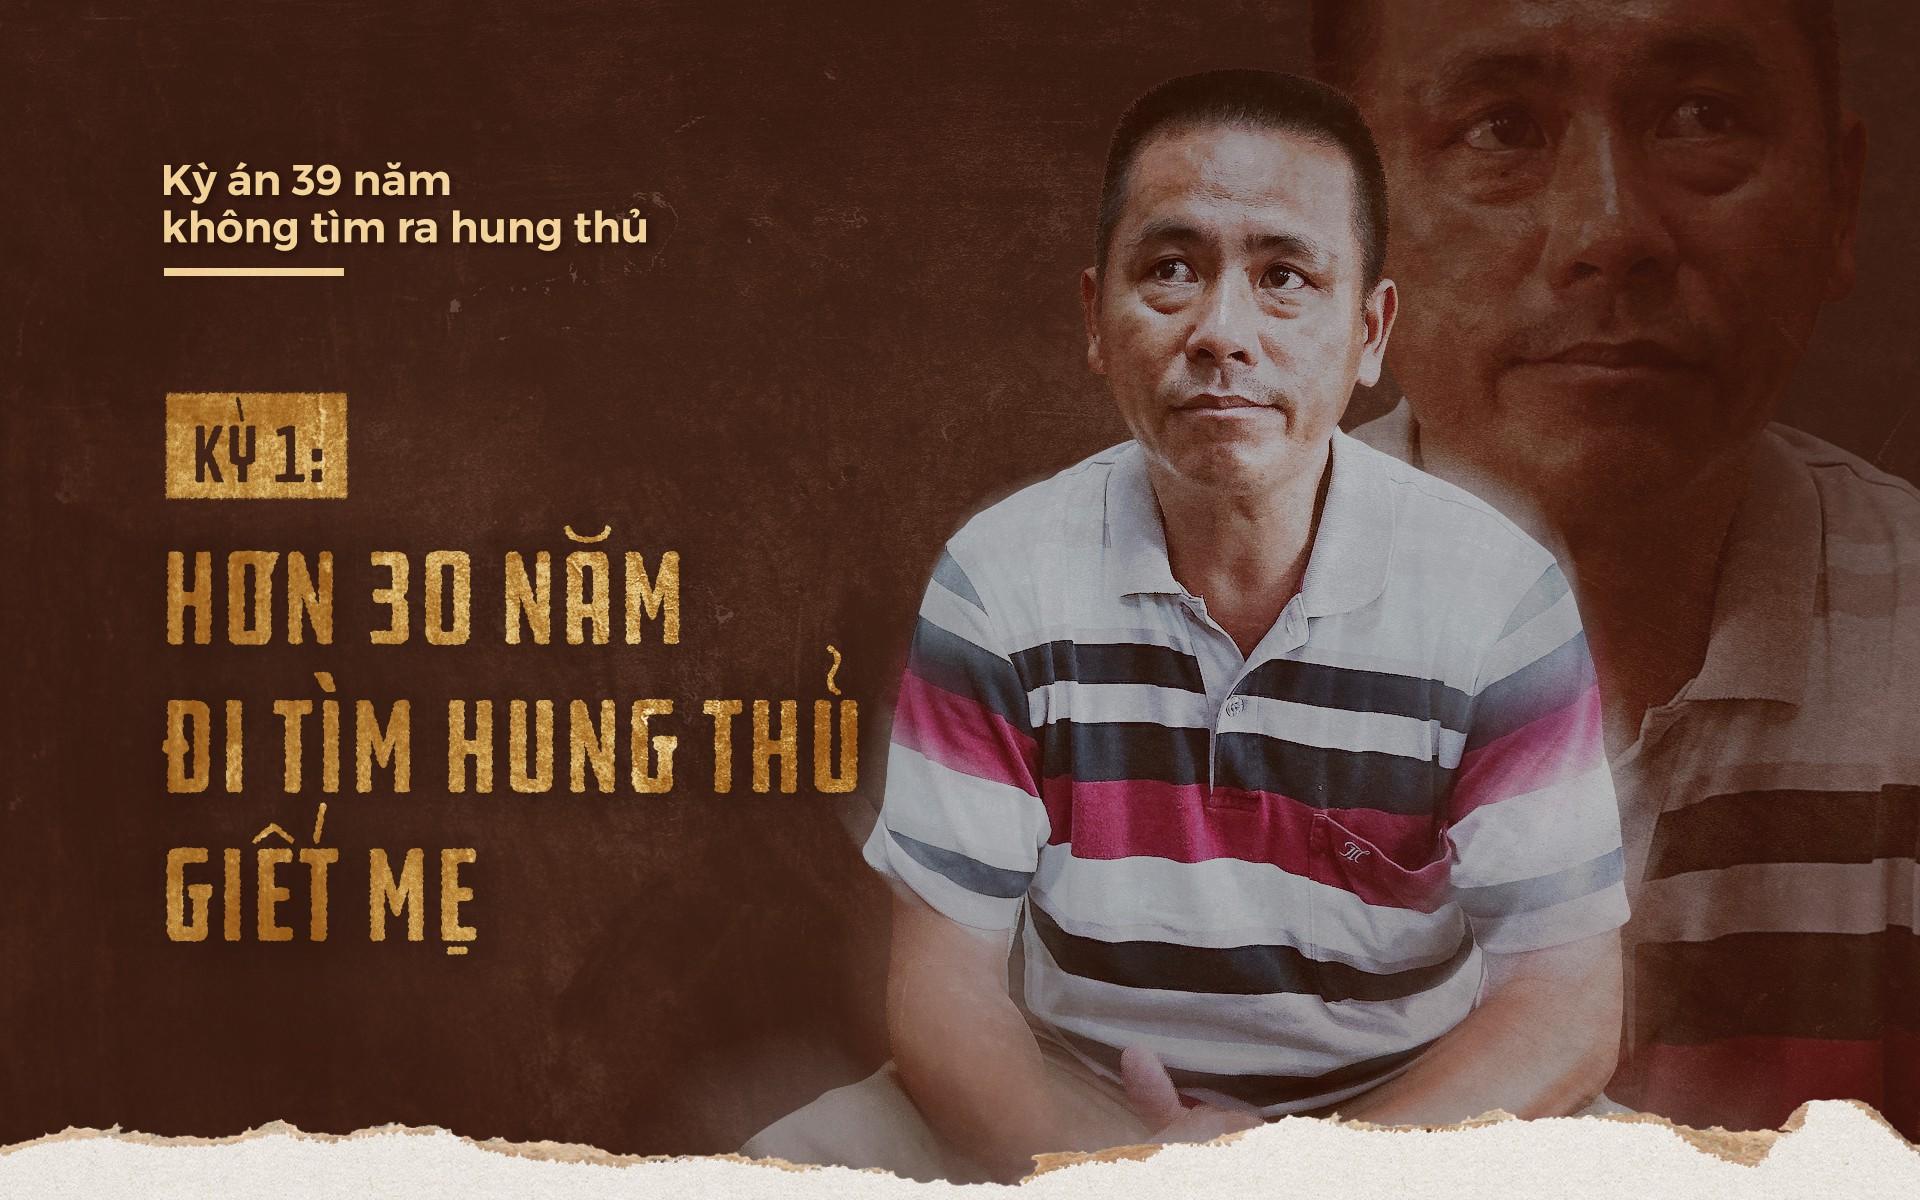 Hơn 30 năm đi tìm hung thủ giết mẹ